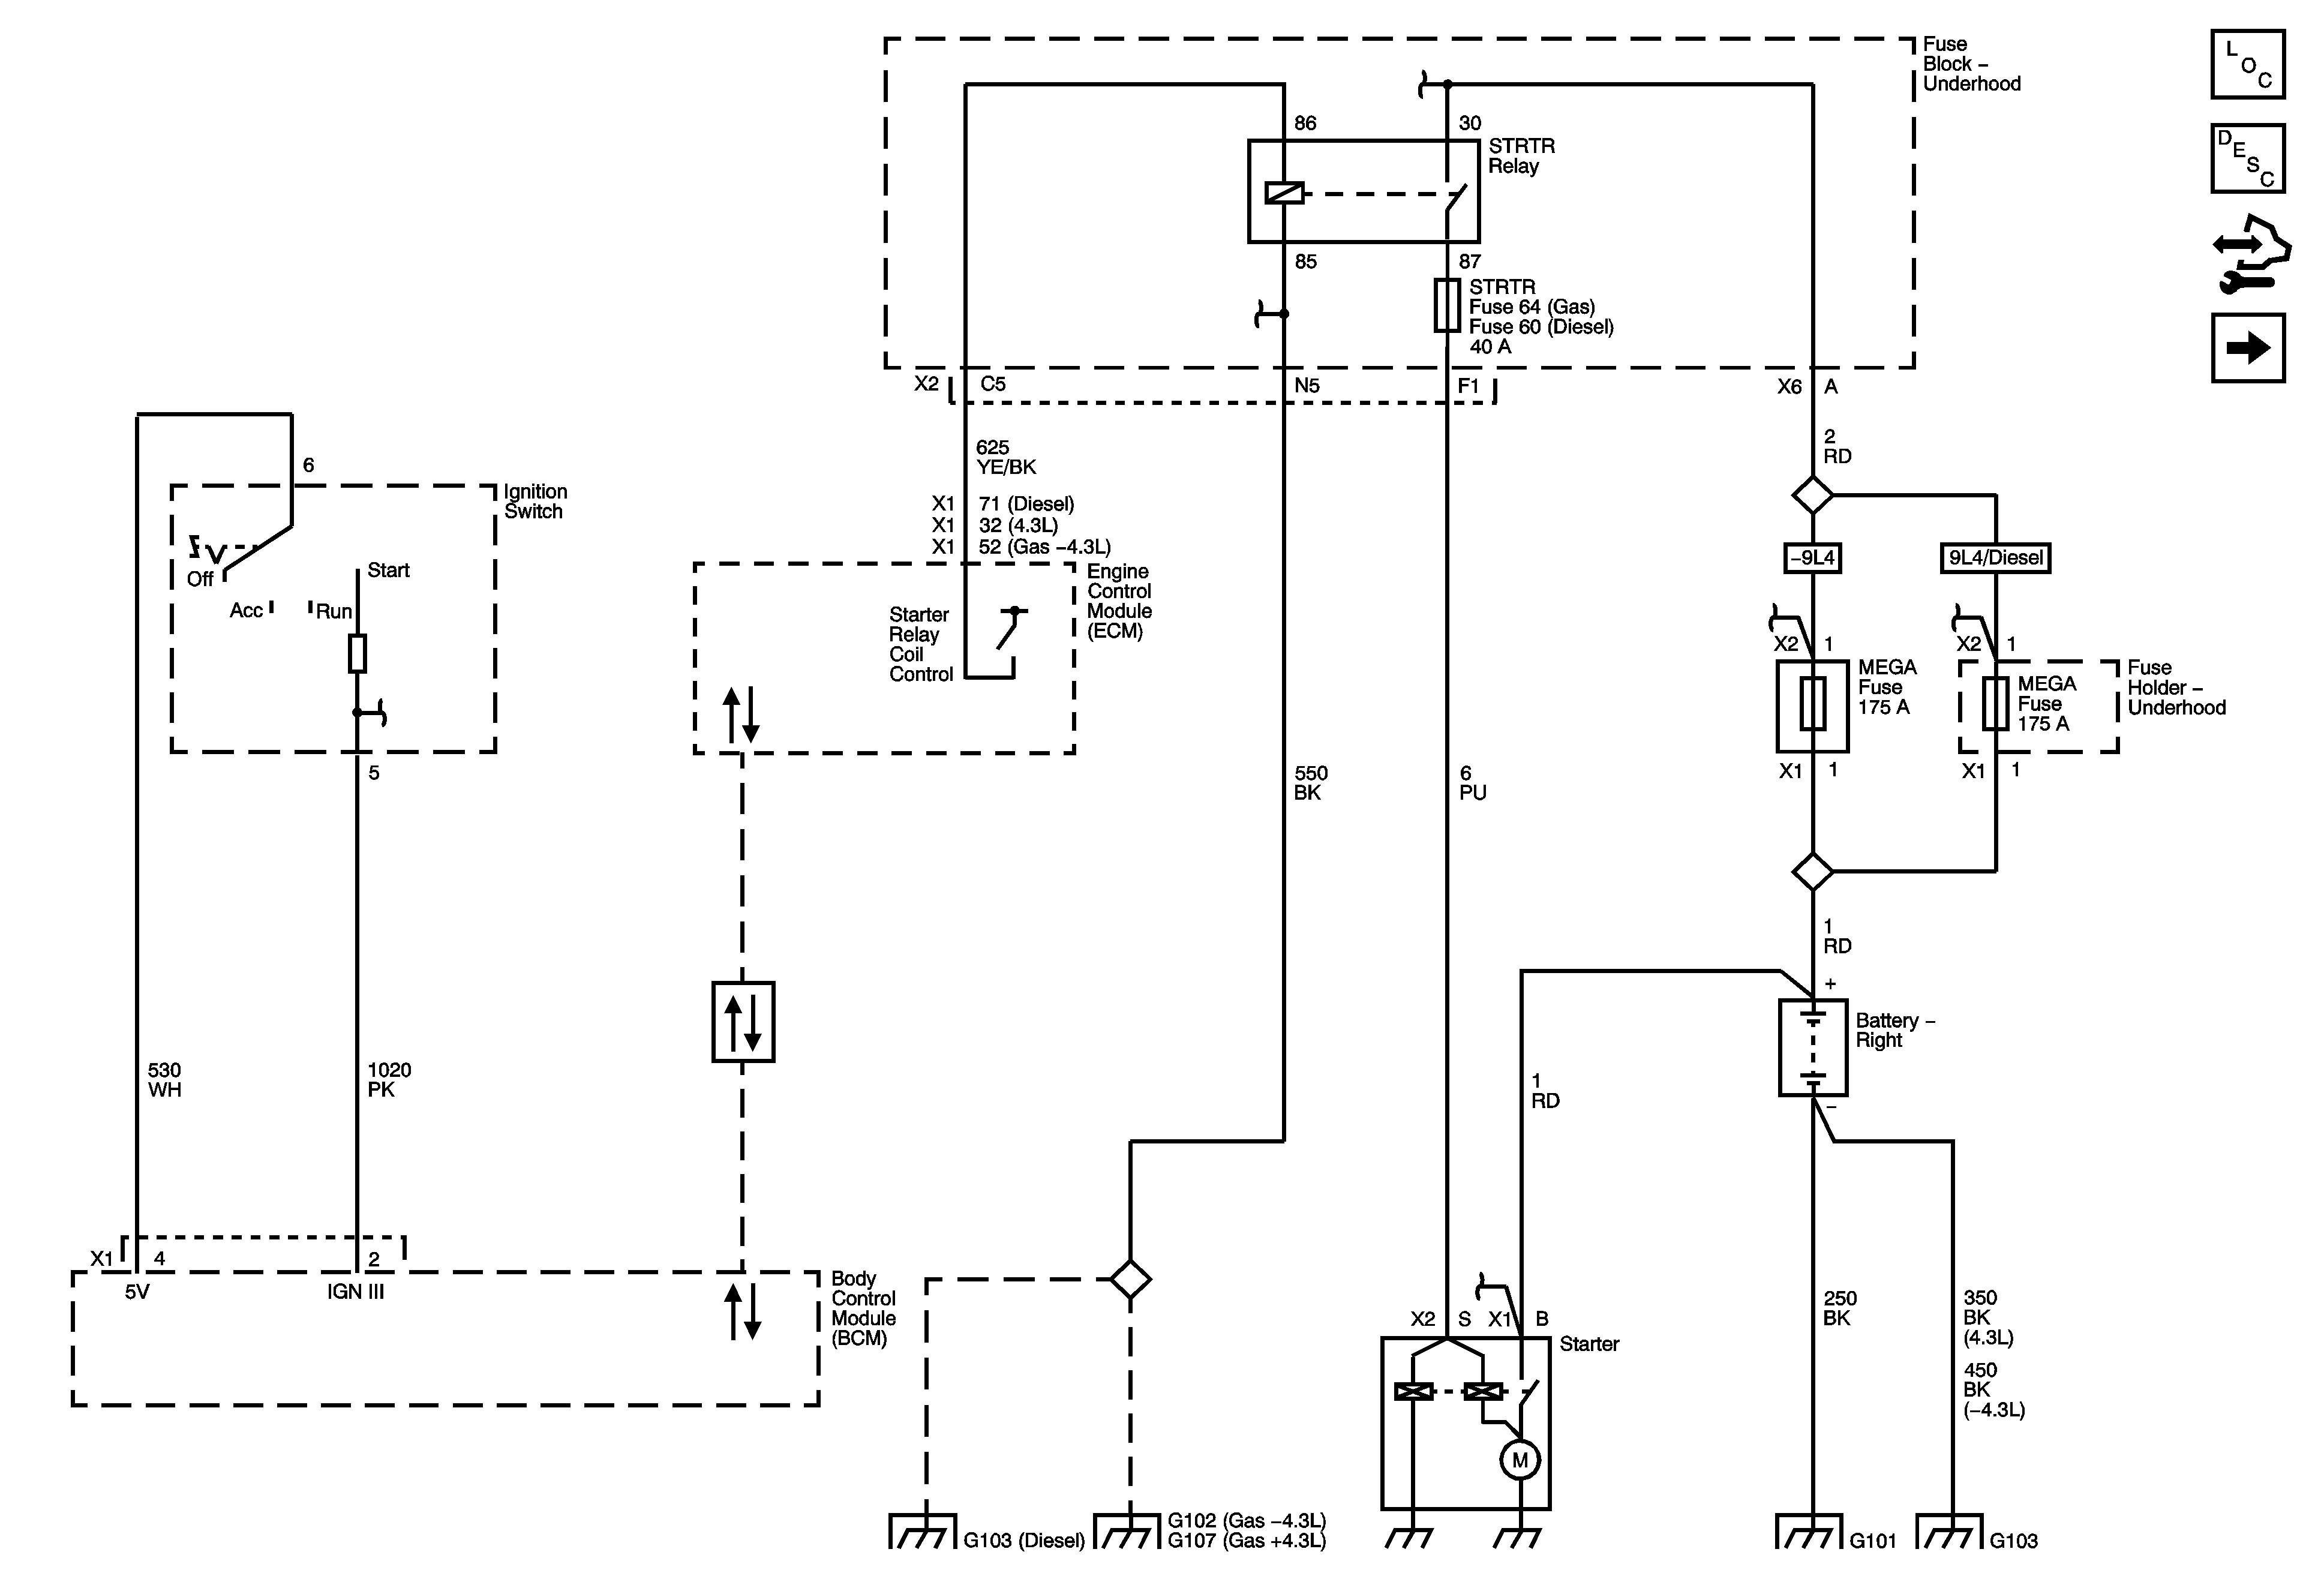 2009 Silverado Wiring Diagram Unique Steering Wheel Radio Controls Wiring Diagram Diagram Of 2009 Silverado Wiring Diagram